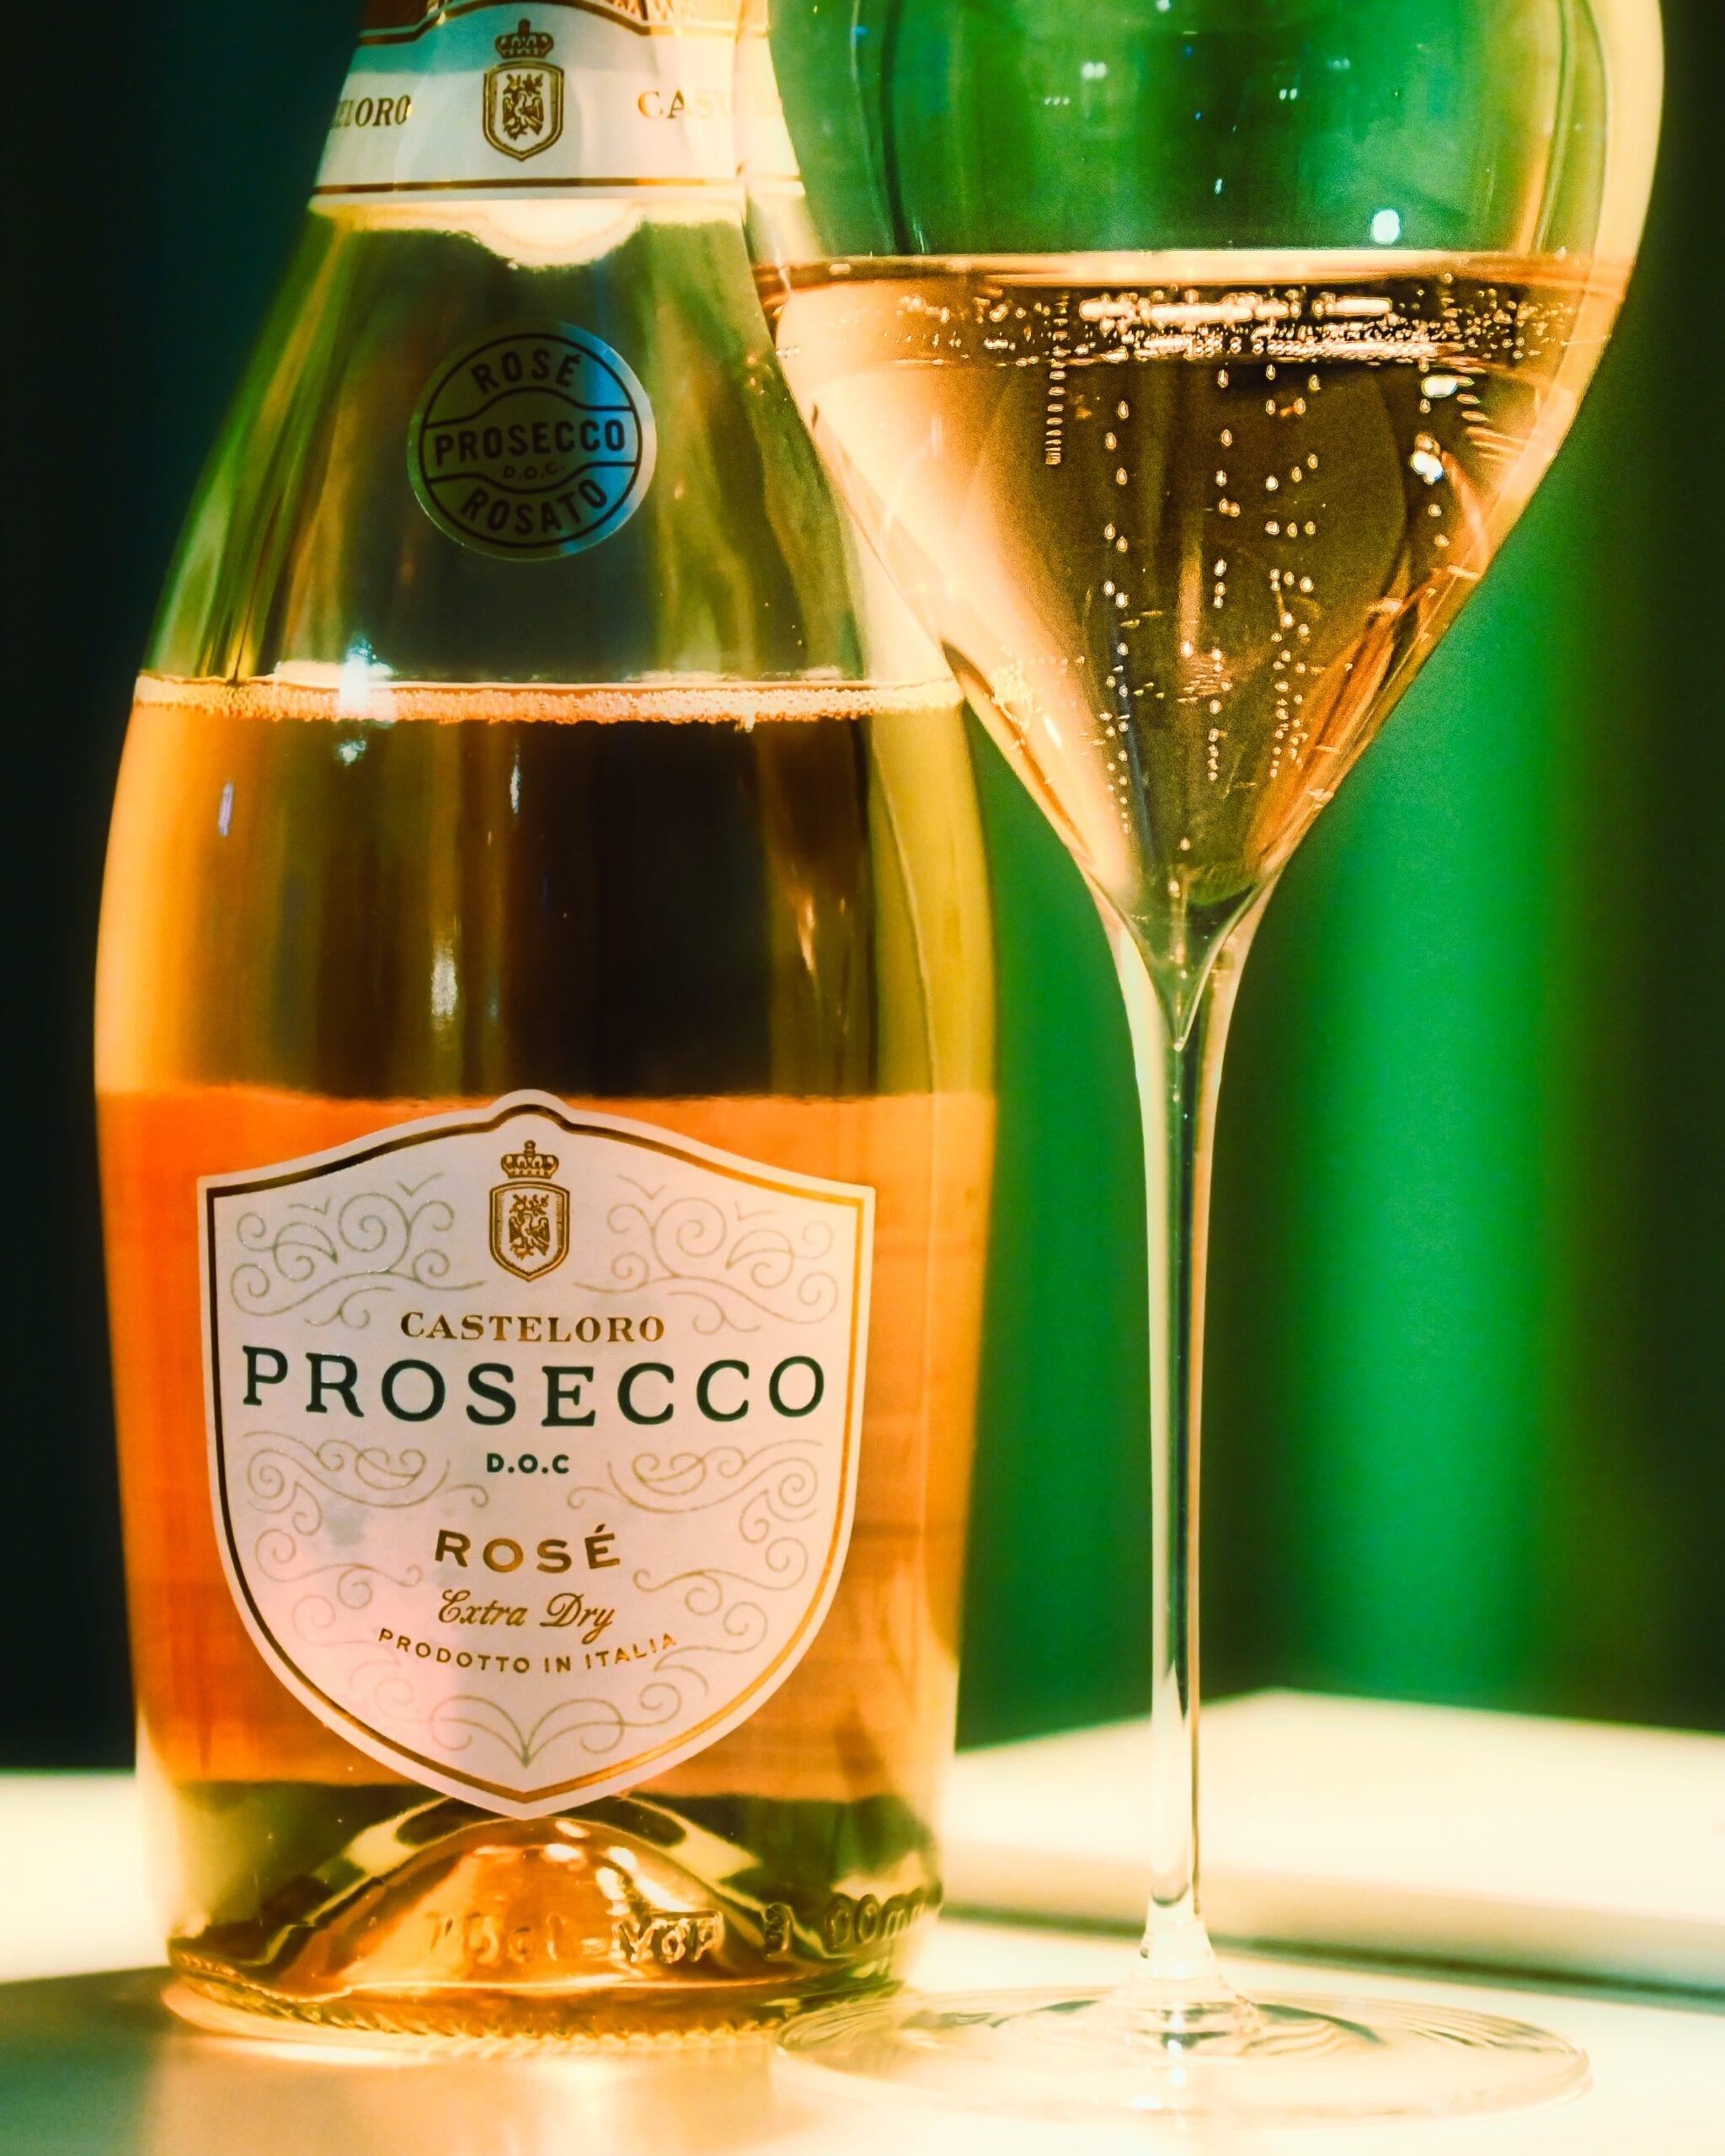 Casteloro Prosecco Rosé 2019